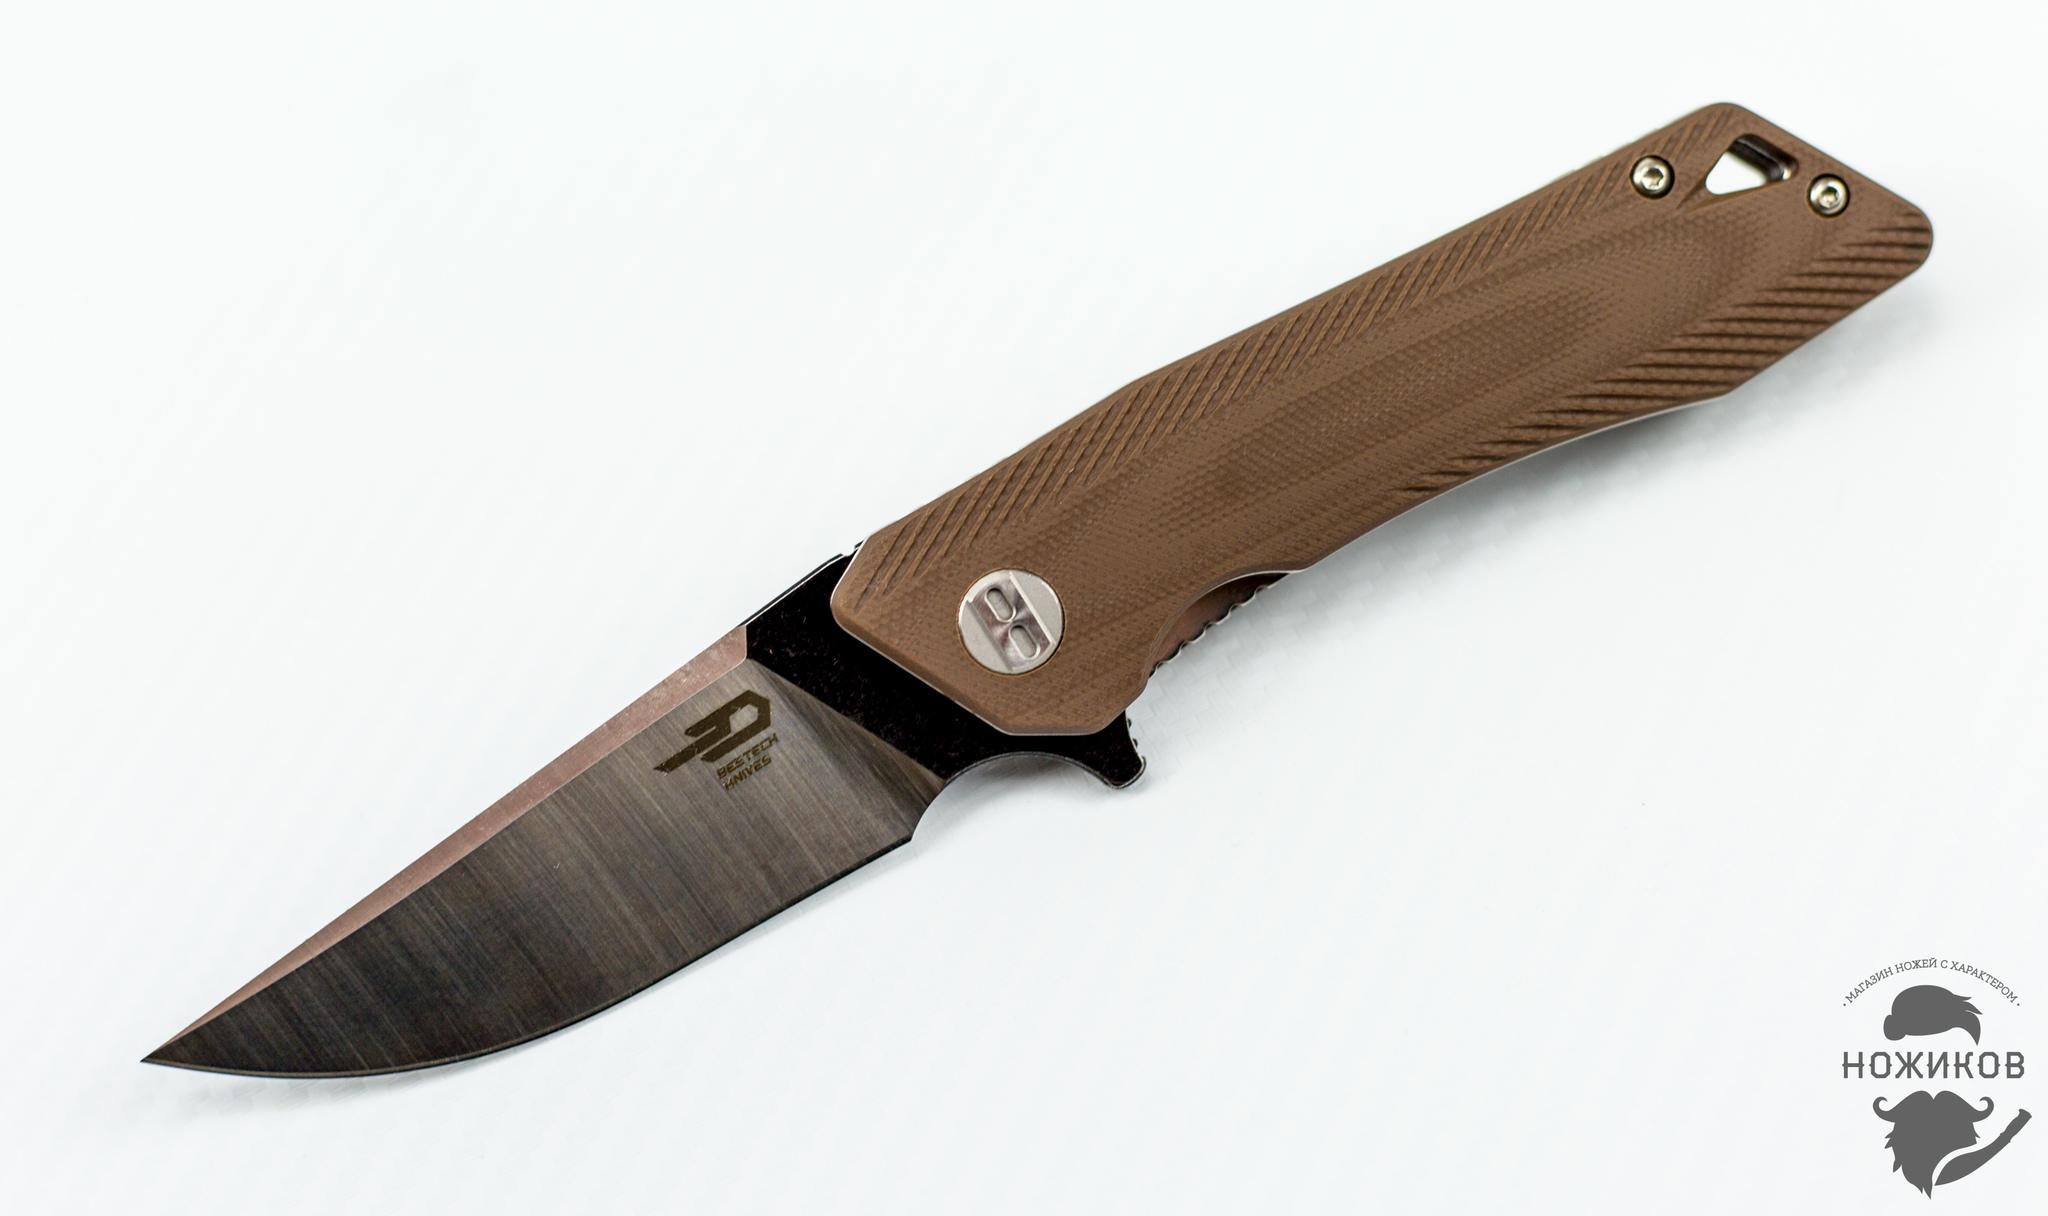 Складной нож Bestech Thorn BG10C-1, сталь Sandvik 12C27 от Bestech Knives